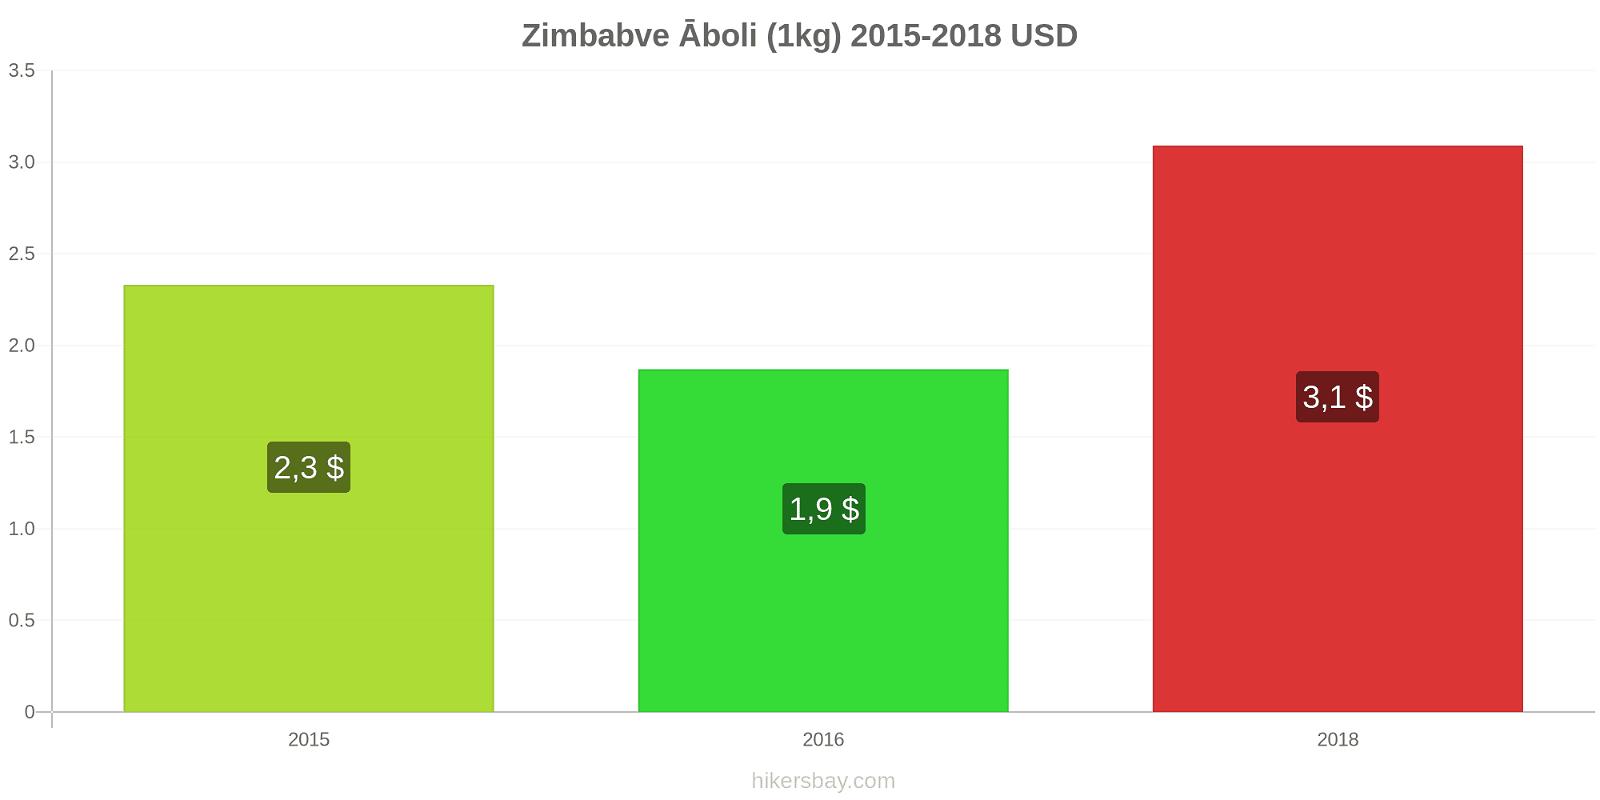 Zimbabve cenu izmaiņas Āboli (1kg) hikersbay.com